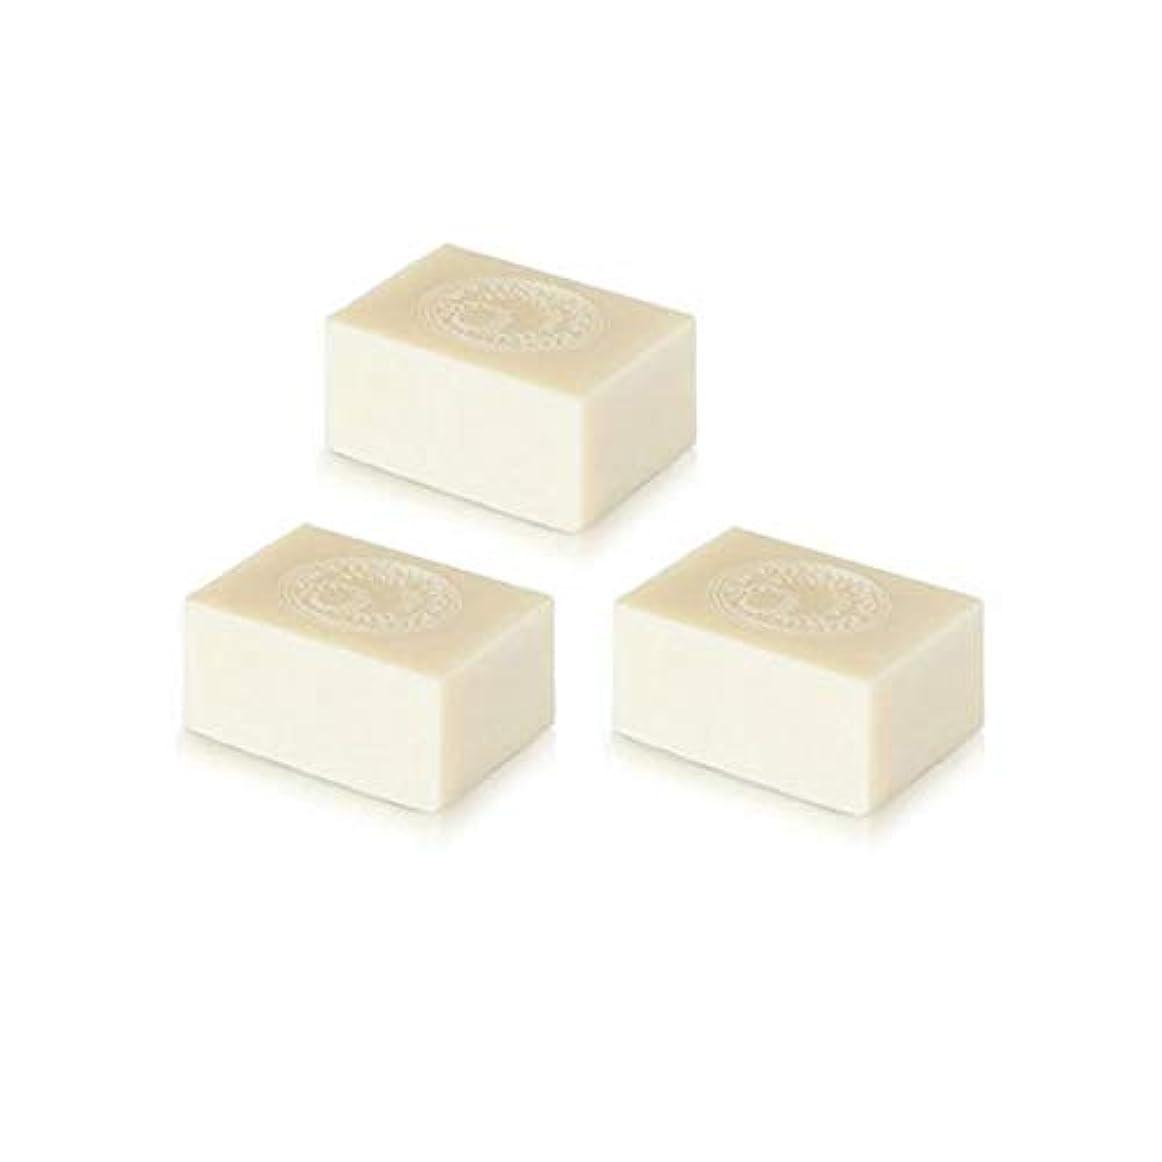 それぞれ面白いフラッシュのように素早くアルガン石鹸3個セット( 145g ×3個) アルガンオイルの完全無添加石鹸